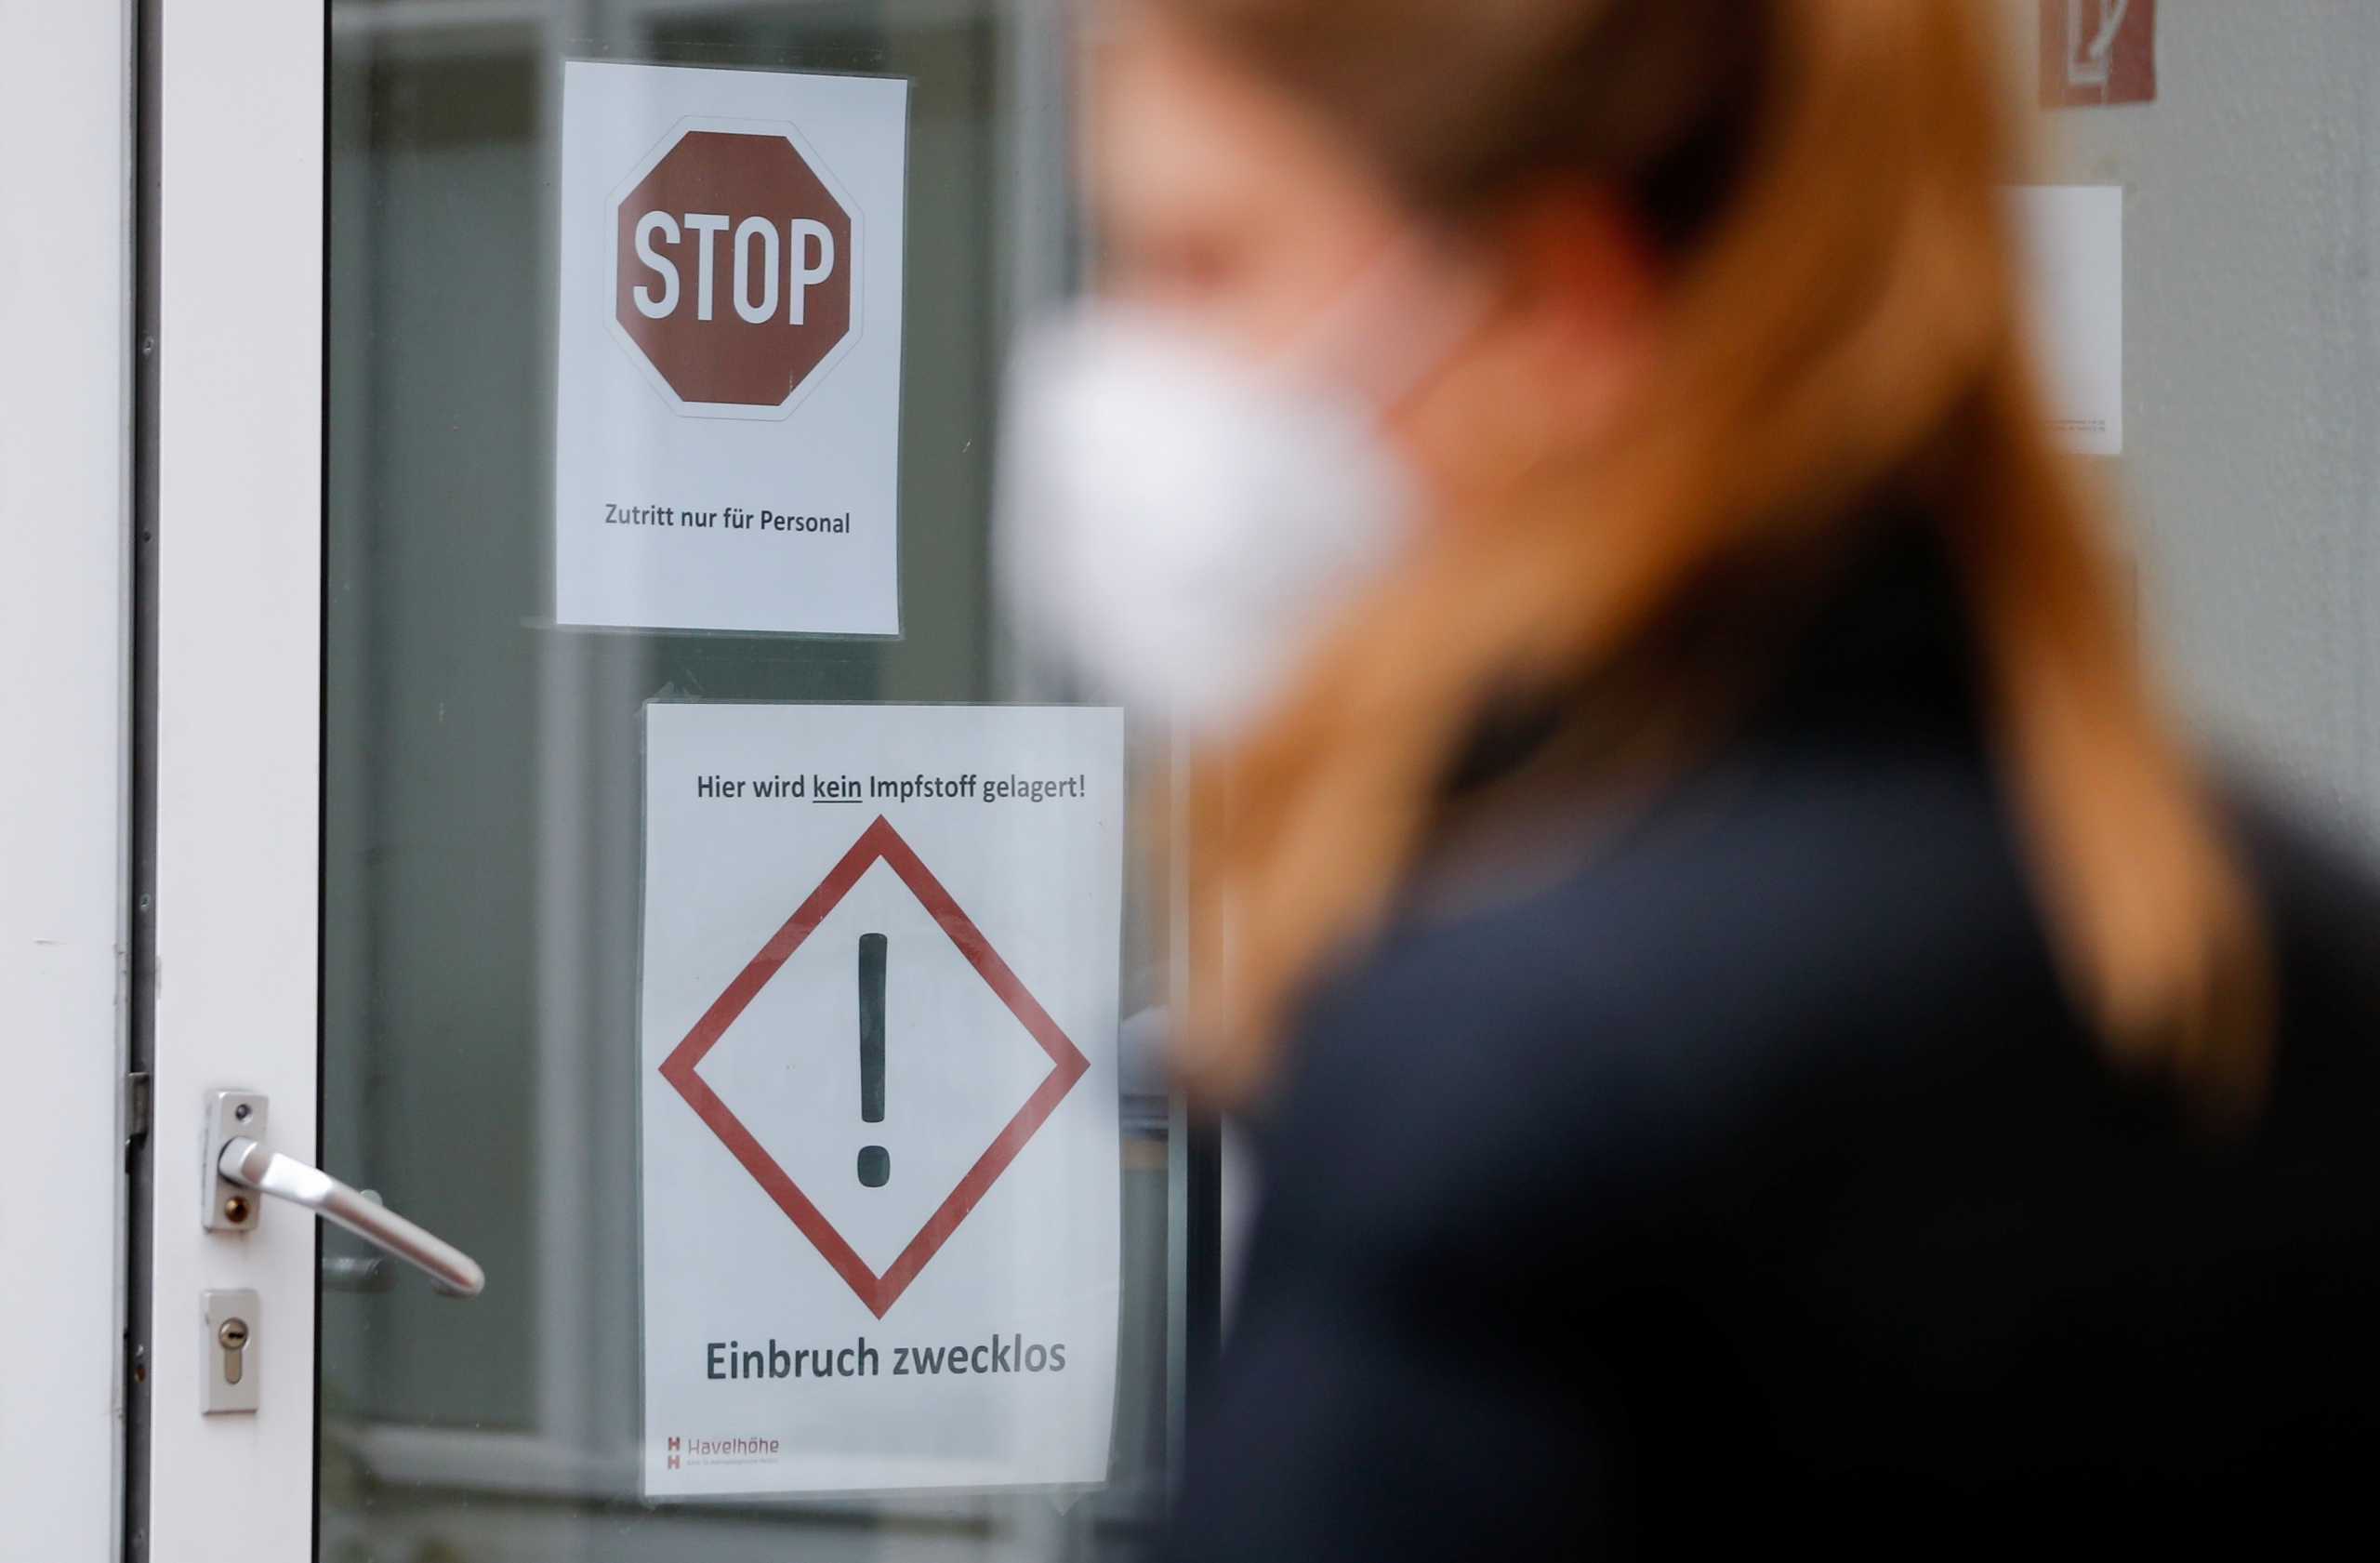 Γερμανία: Ανησυχία για τη μετάλλαξη του κορονοϊού – Ούτε σκέψη για χαλάρωση των μέτρων